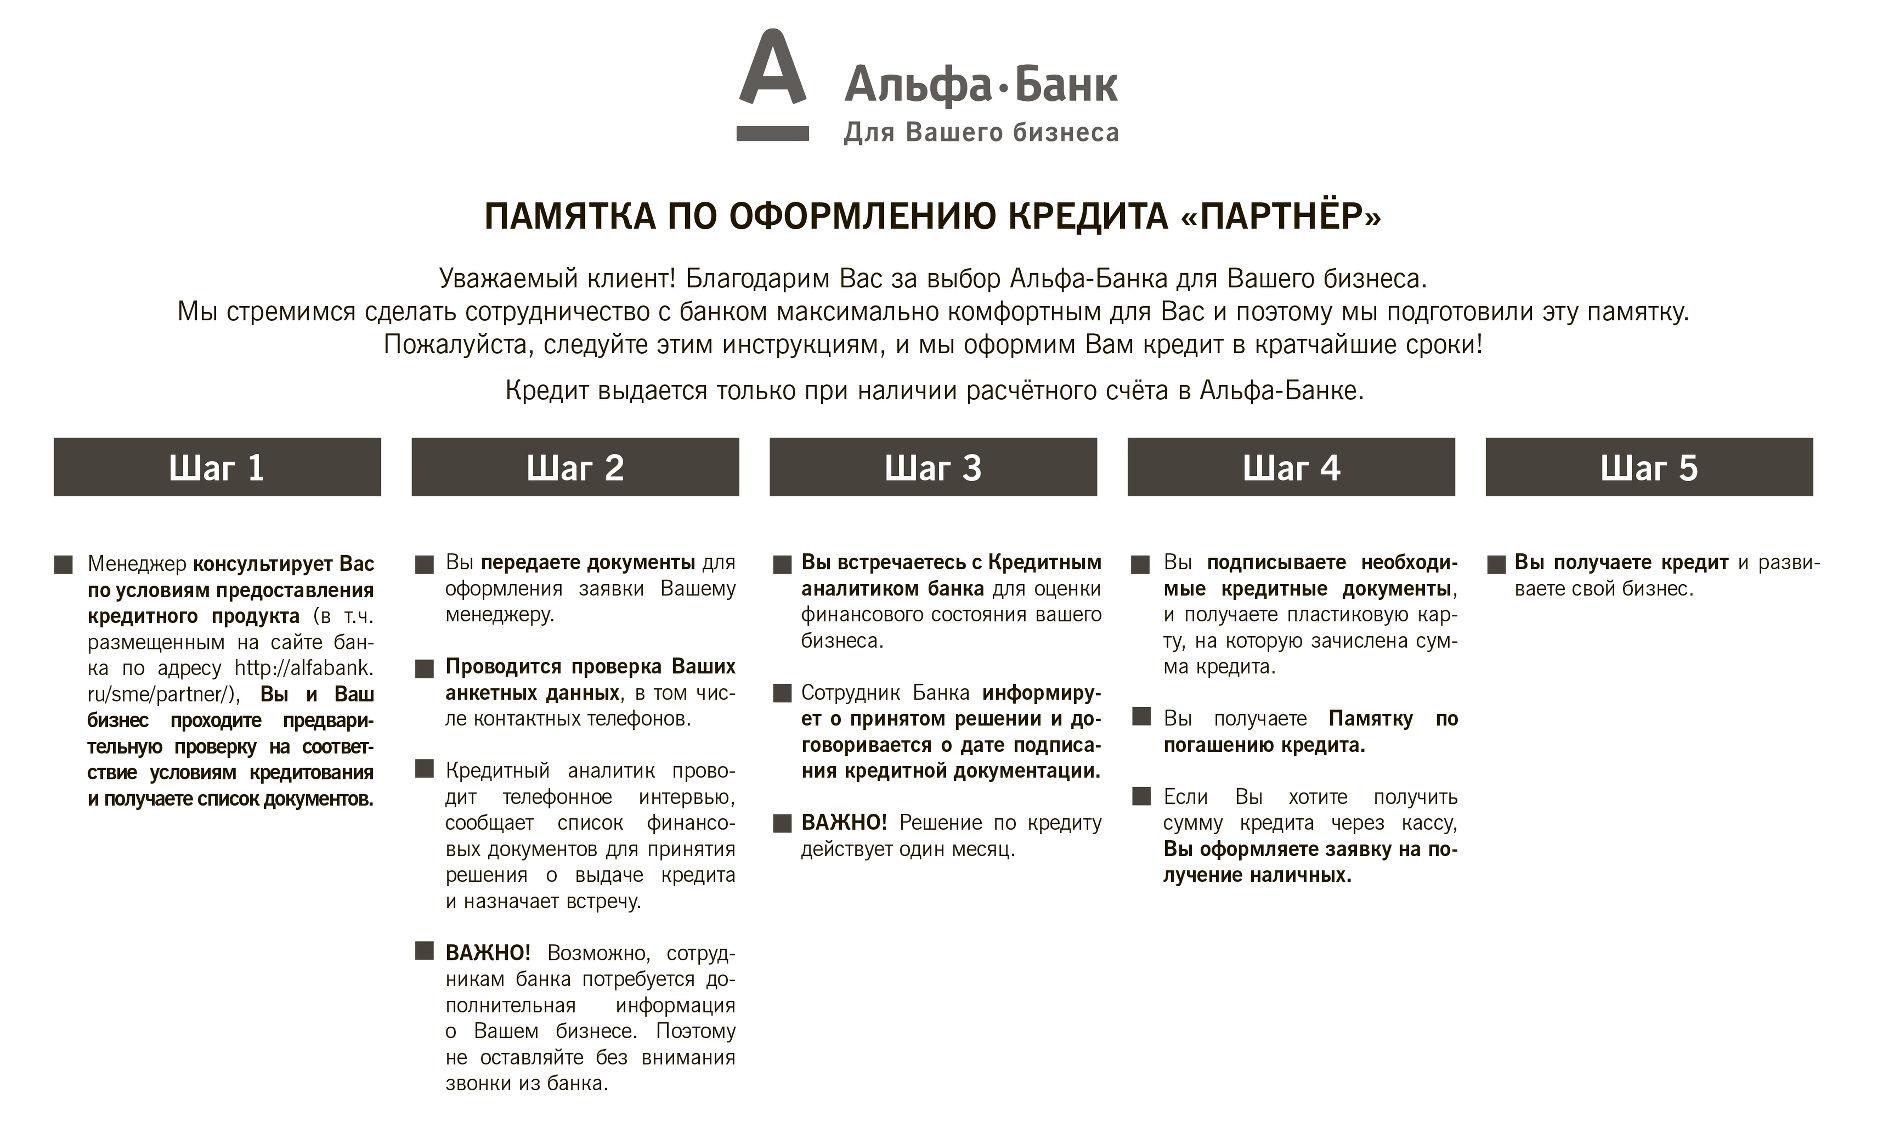 кредит от альфа банка бизнесу занятый сектор рынка